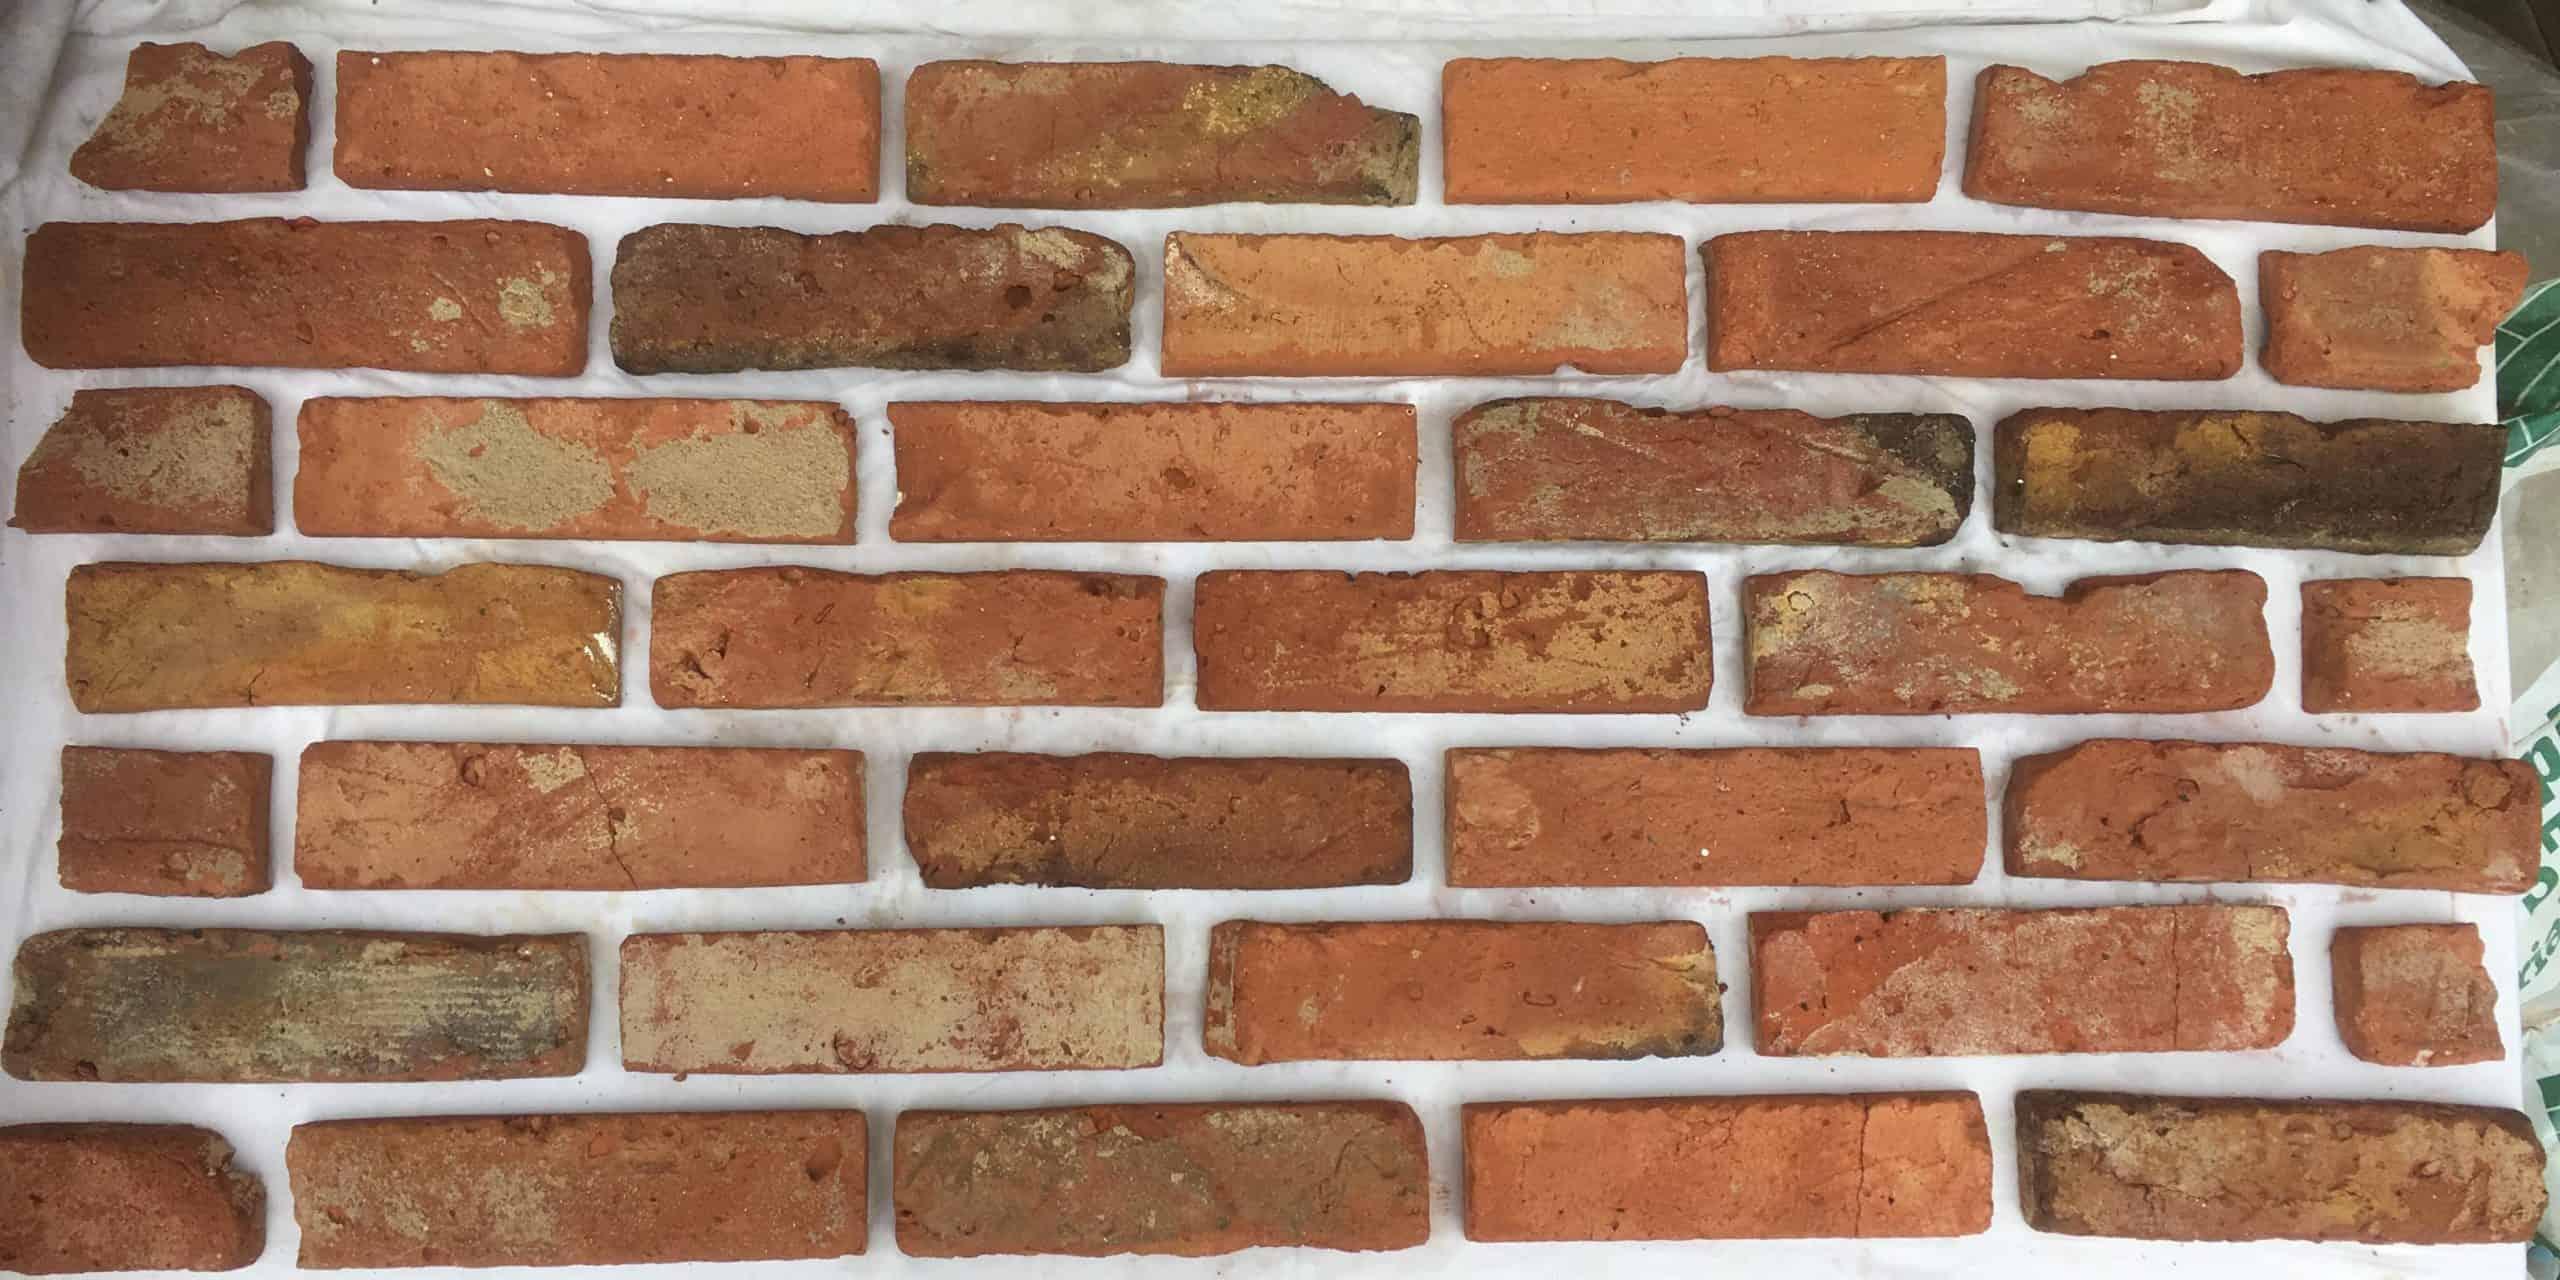 Rote Ziegelriemchen,  Backsteine, Klinker, Mauerziegel mit Kohlebrand